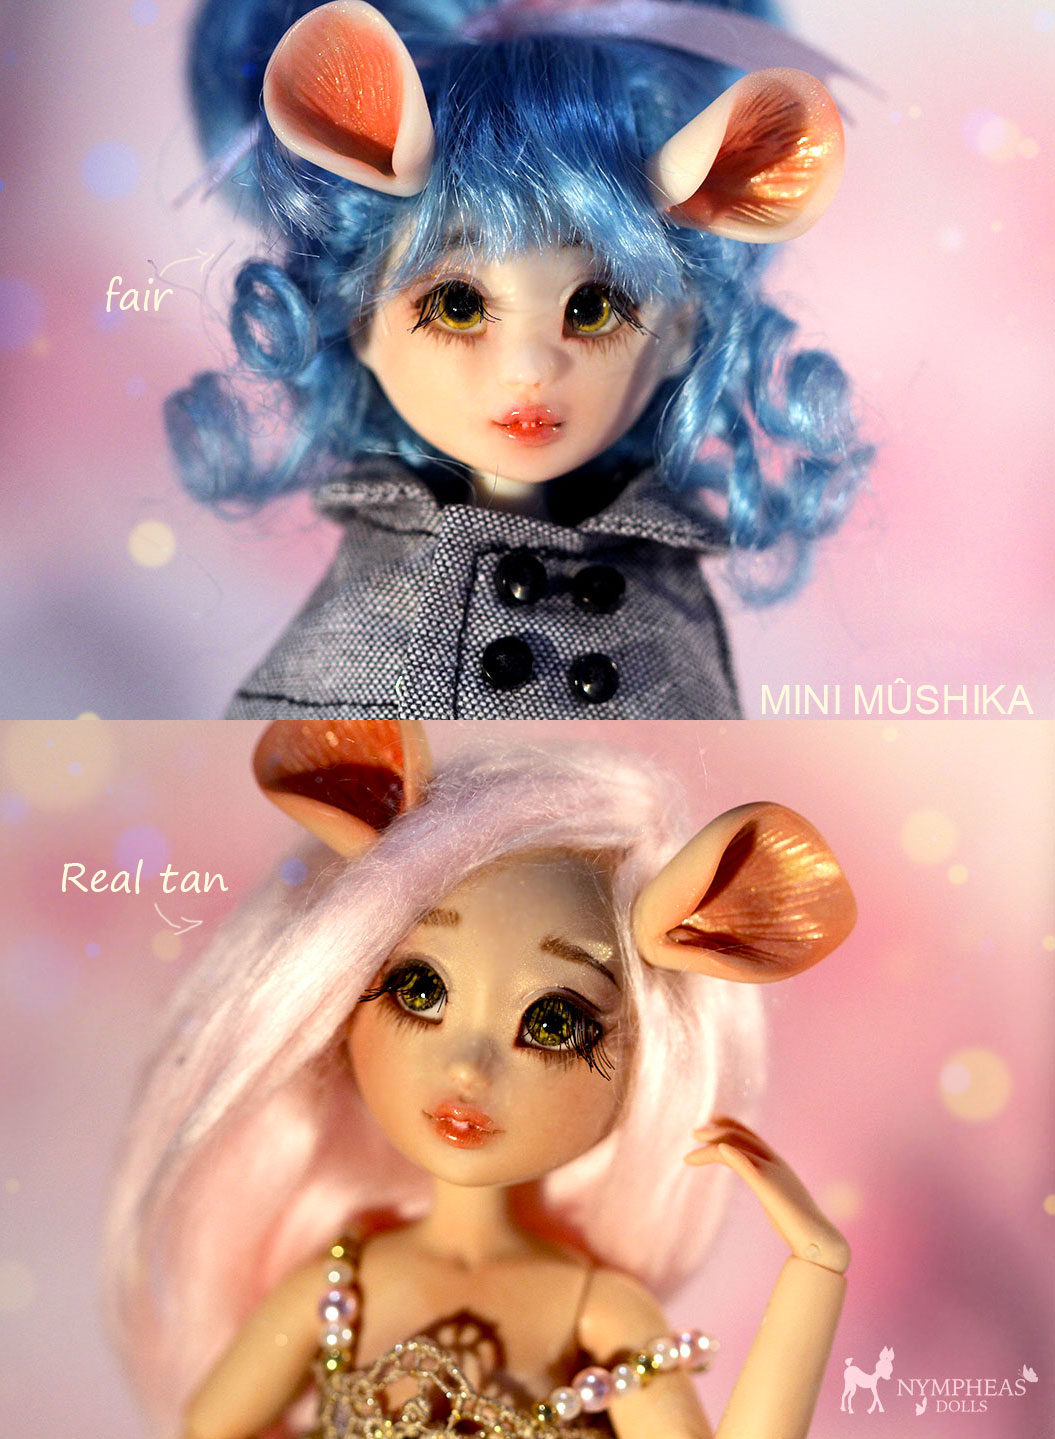 [Nympheas dolls]Mini Mûshika p3 - Page 3 MiniMushika-lesdeux